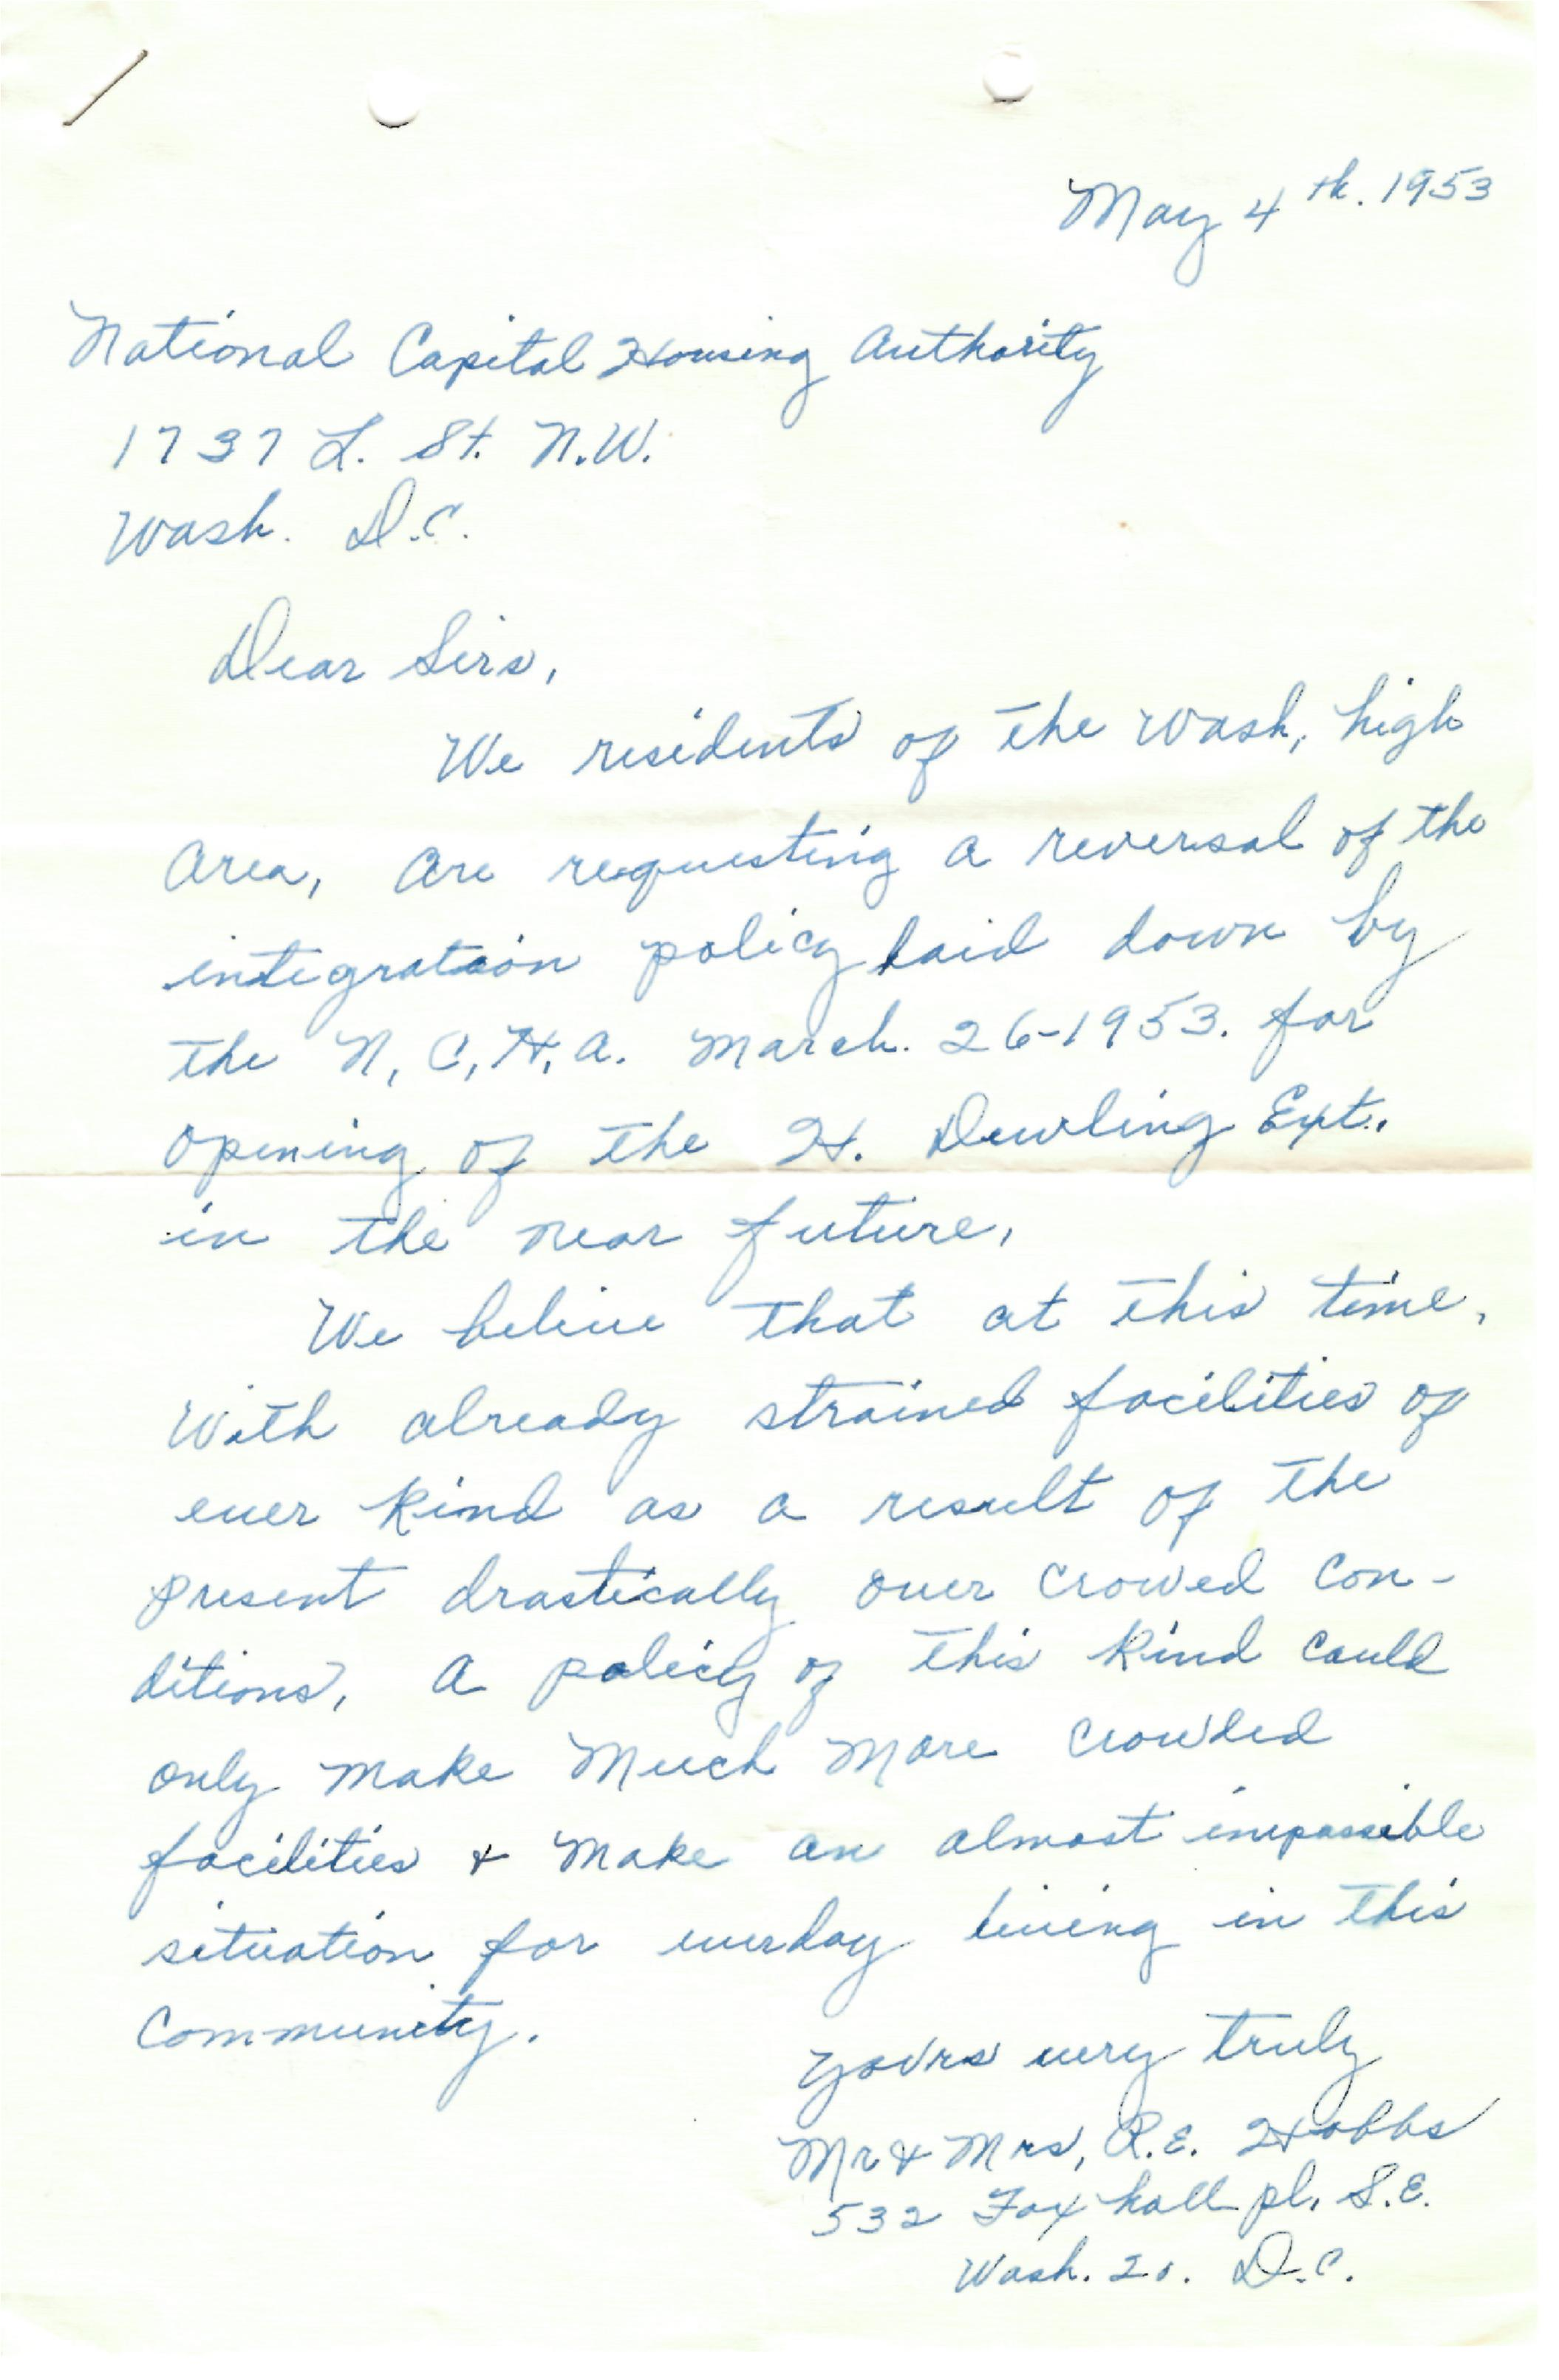 1953 anti-desegration letter